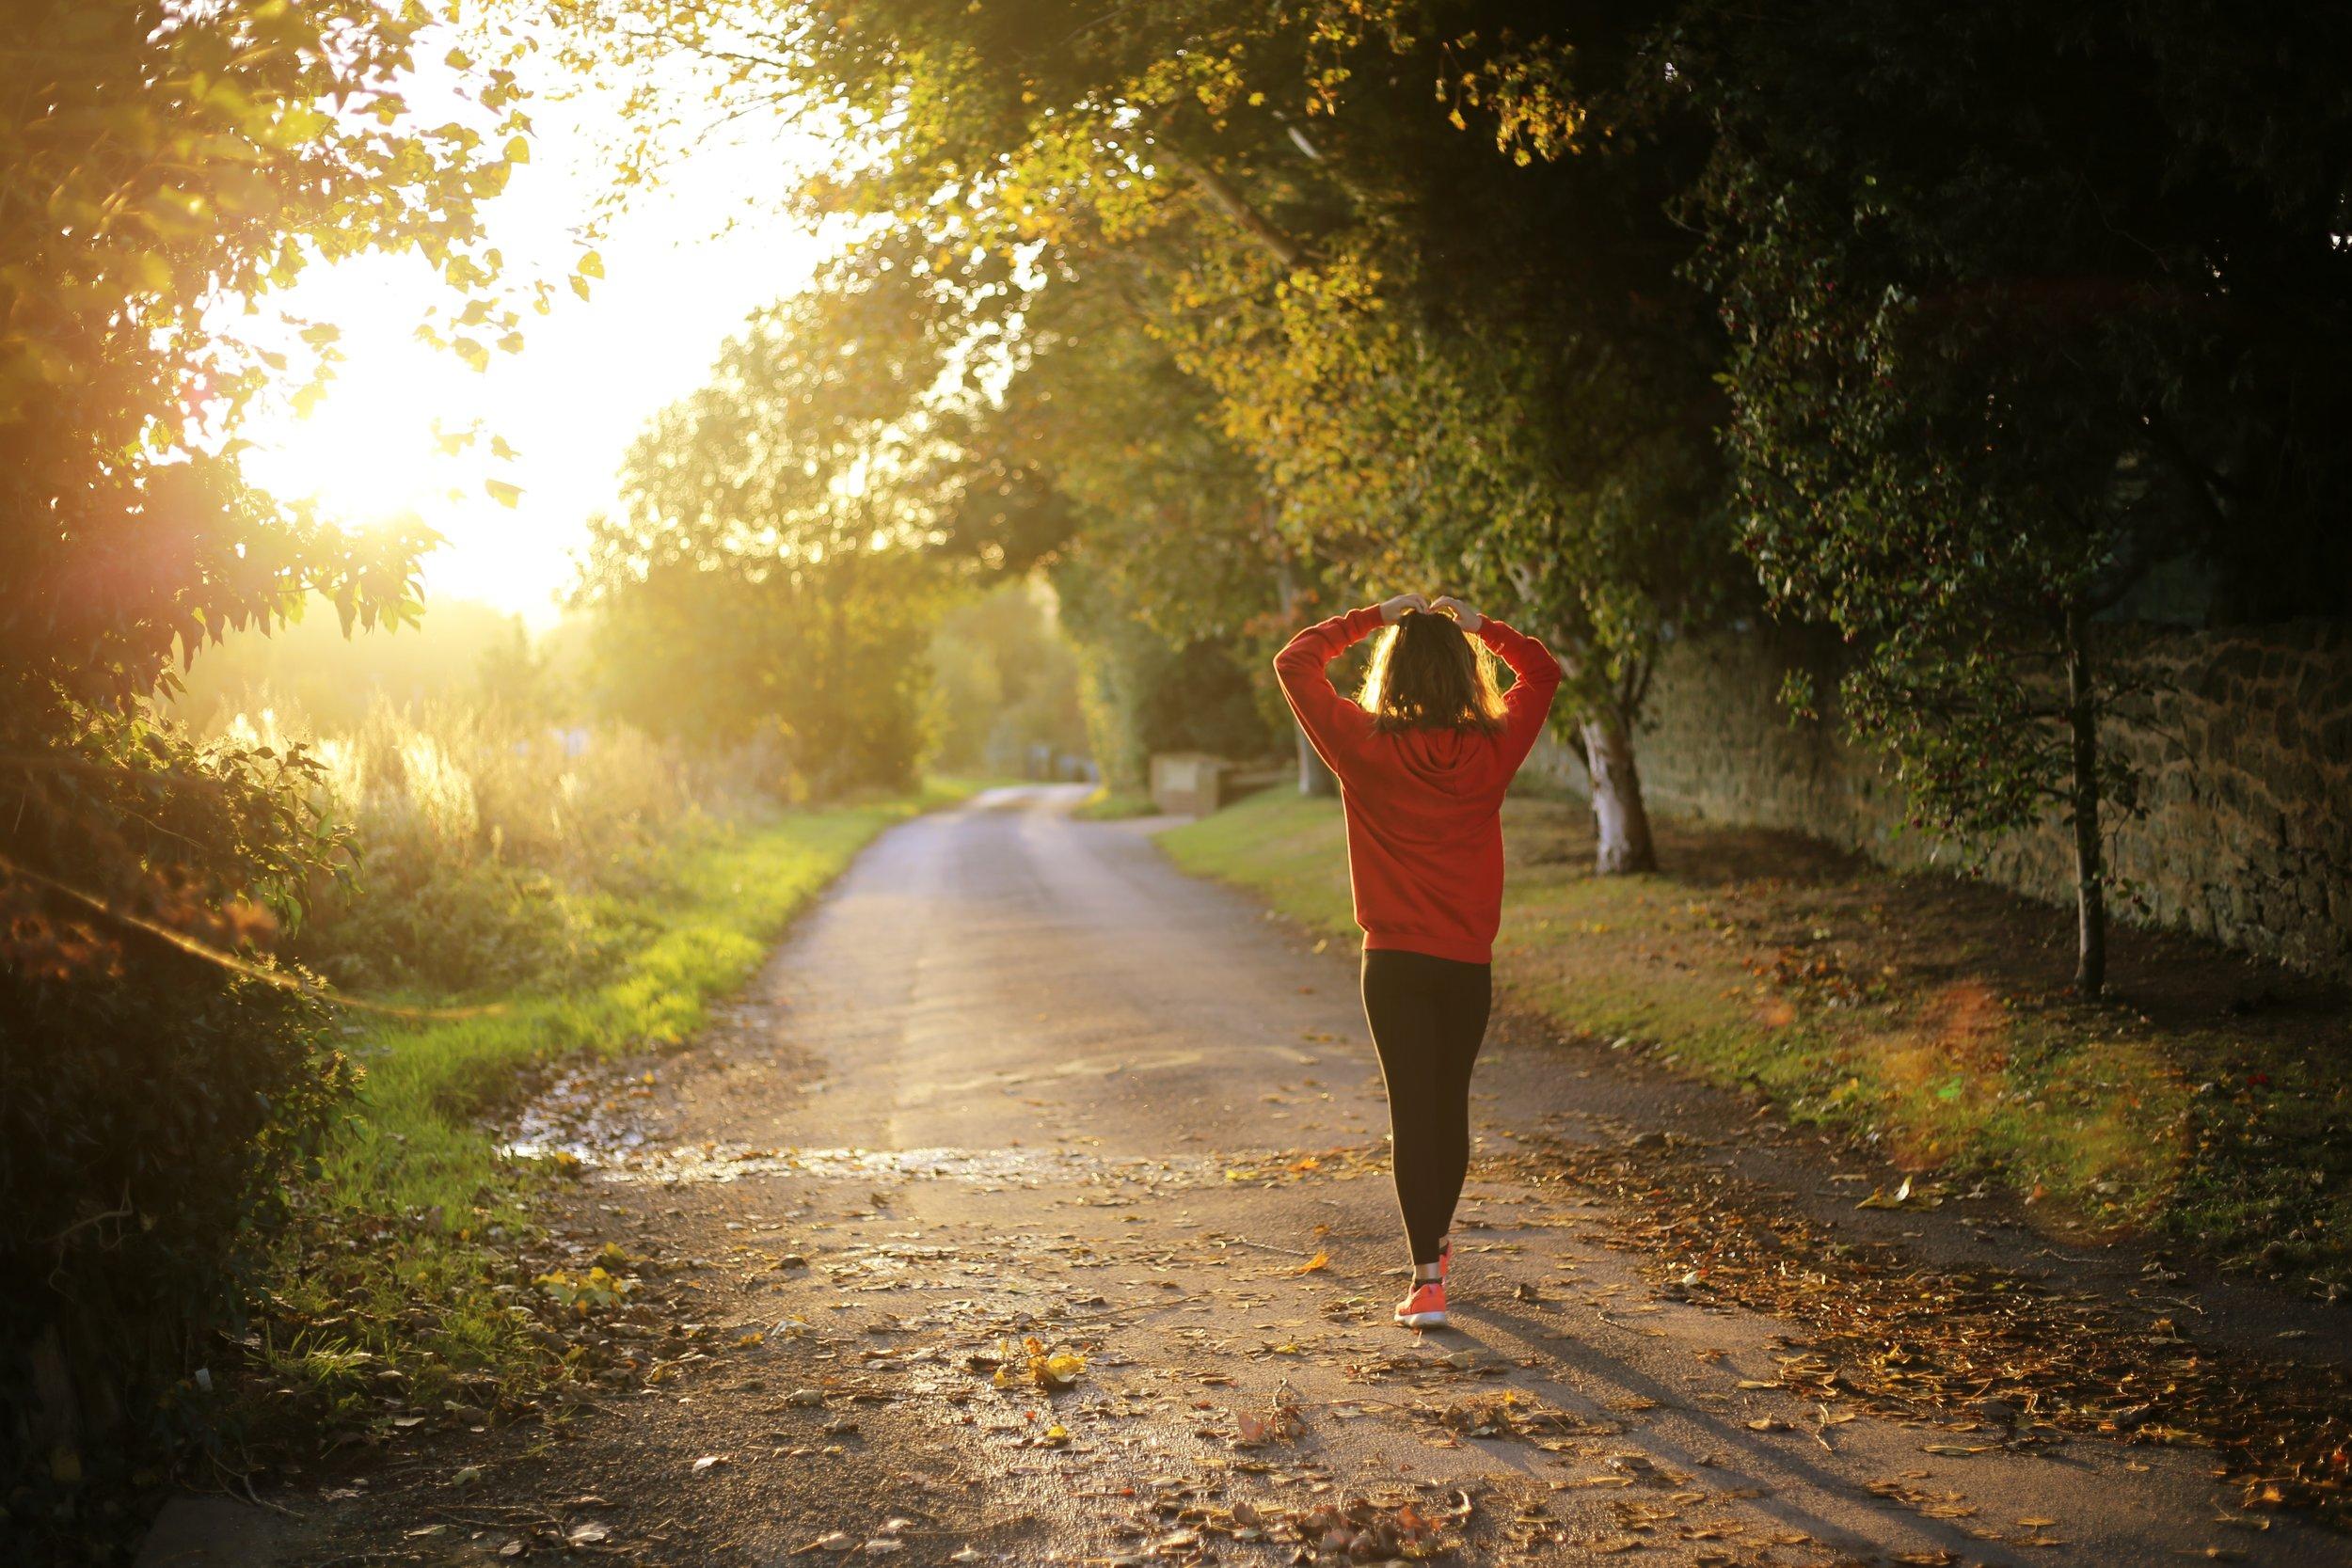 Exercice & Méditation   Le corps a besoin de mouvement et l'esprit a besoin de repos.